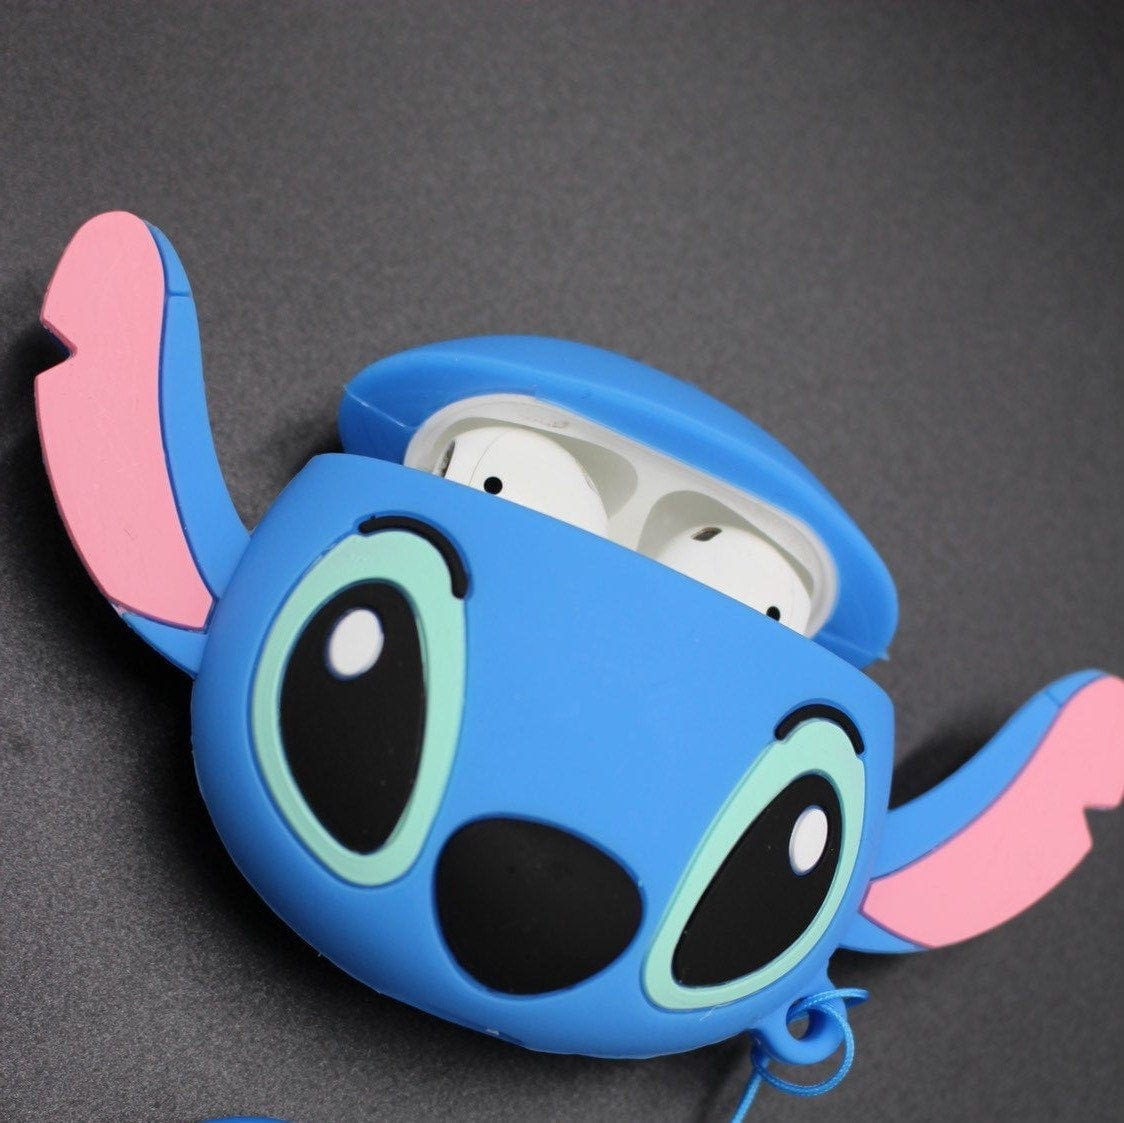 Stitch Disney airpod case